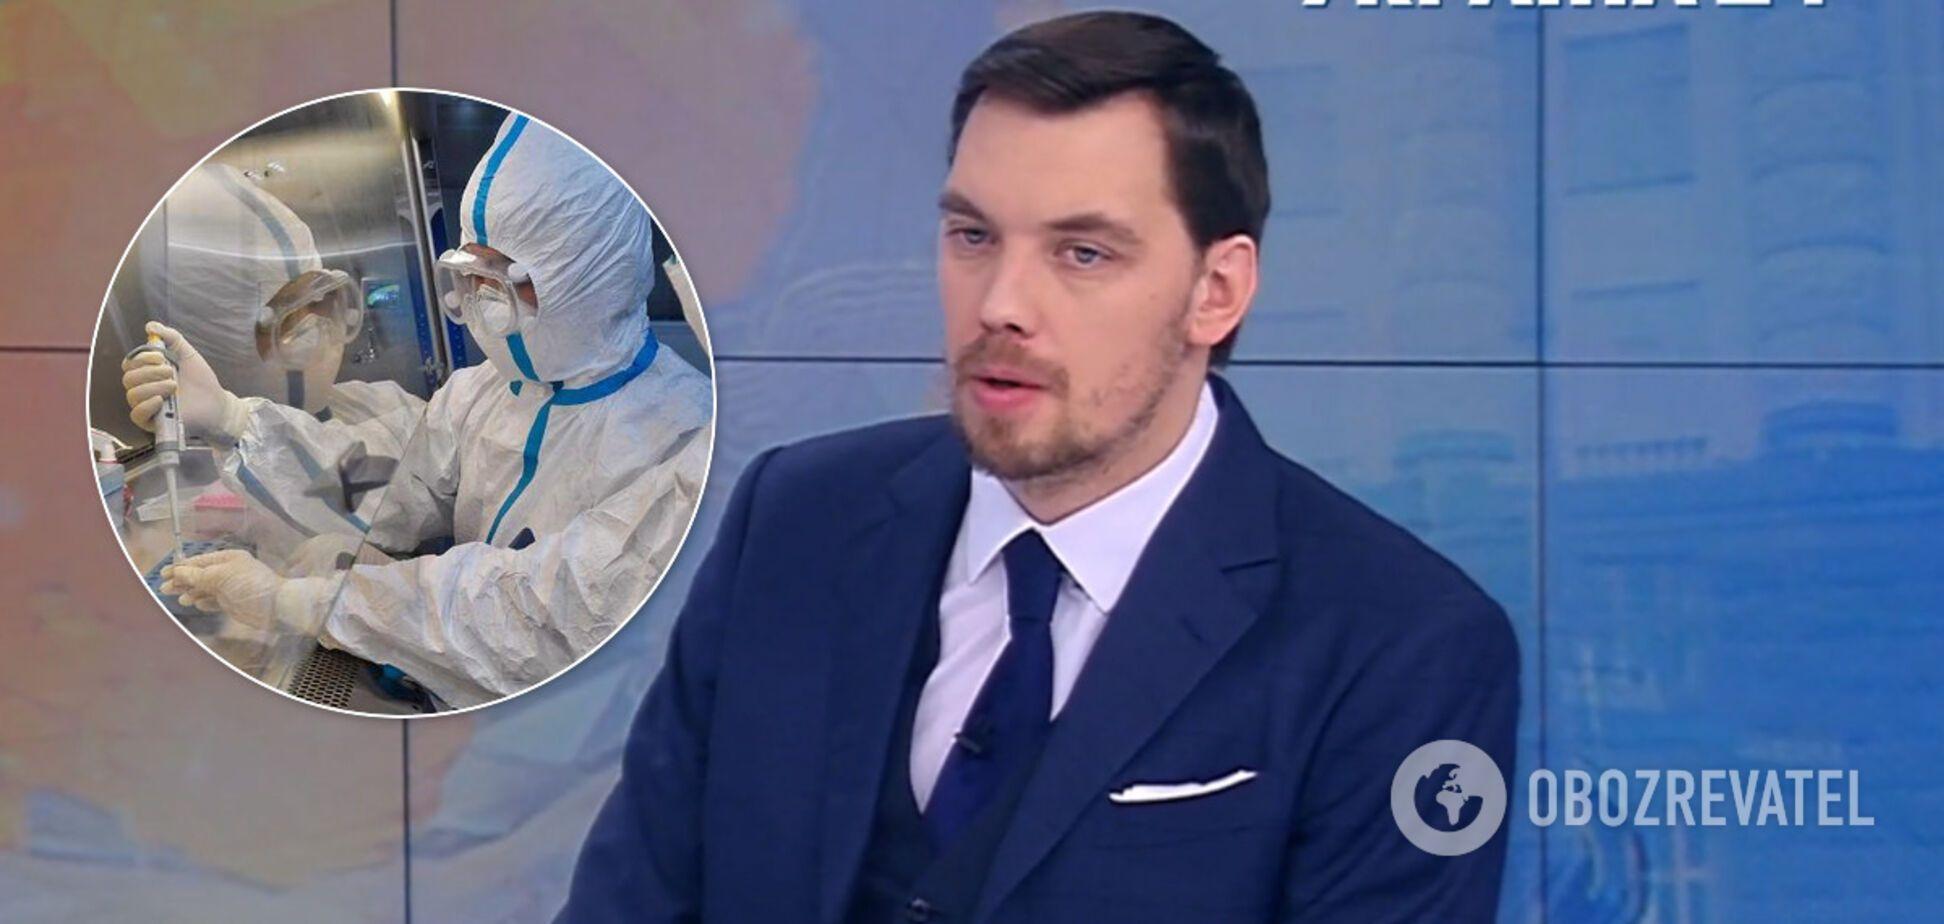 Может попасть из Европы: Гончарук сделал тревожное заявление о коронавирусе в Украине